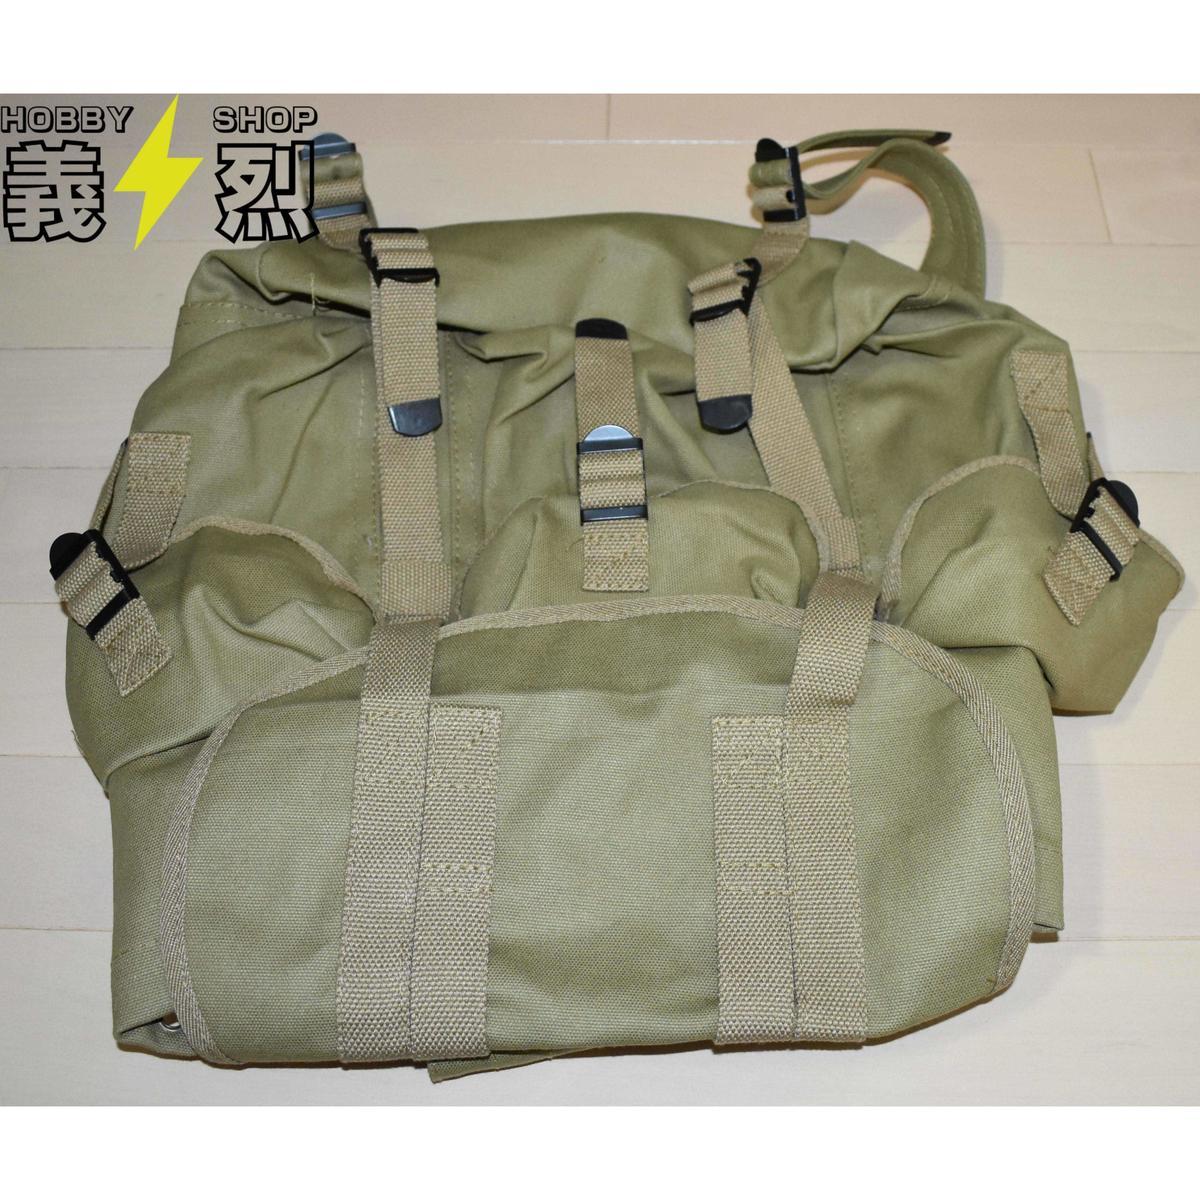 義烈            【複製品】米軍LRRP  M14リュックサック